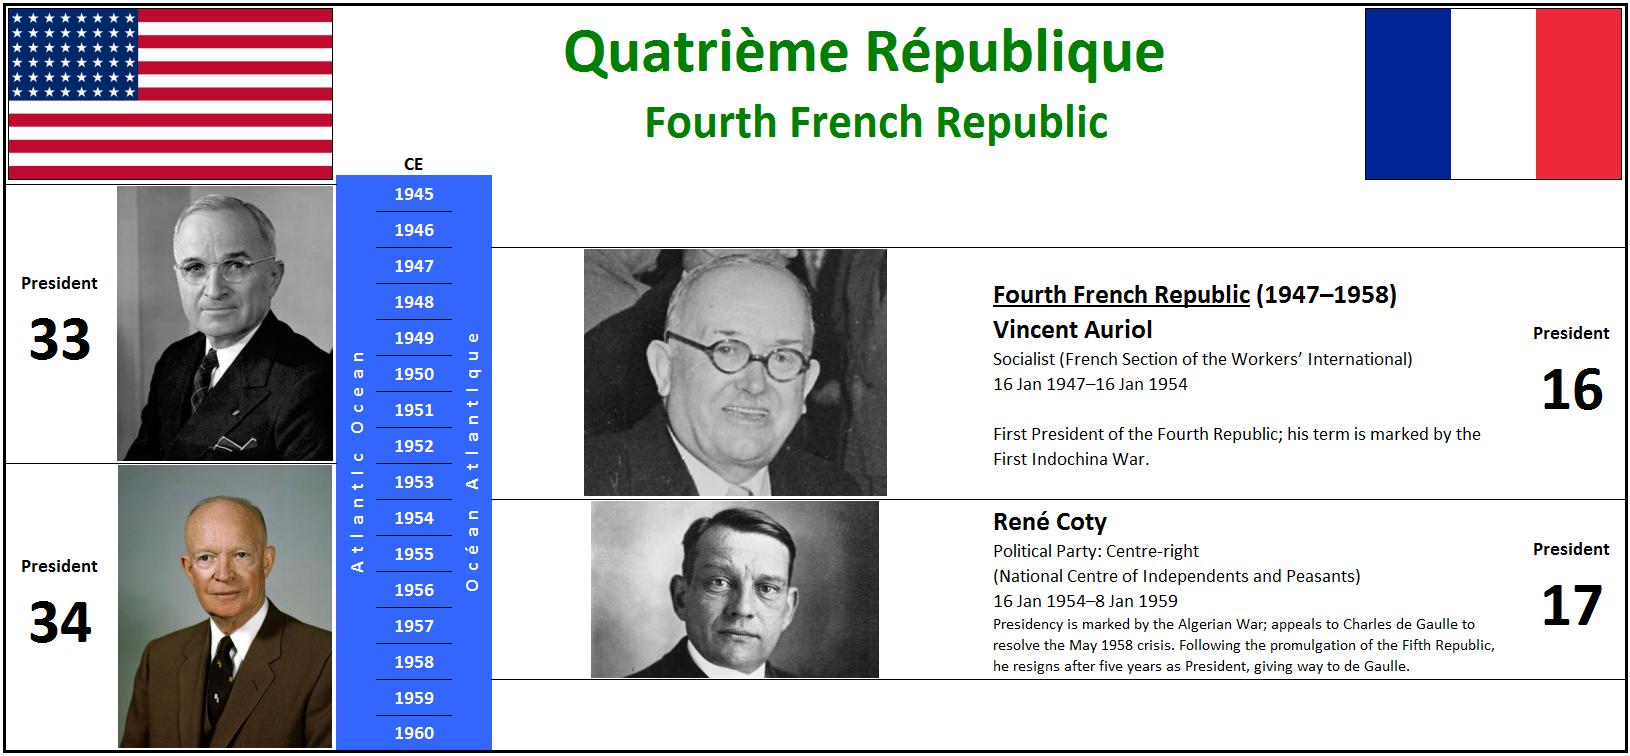 1947 Quatrième République